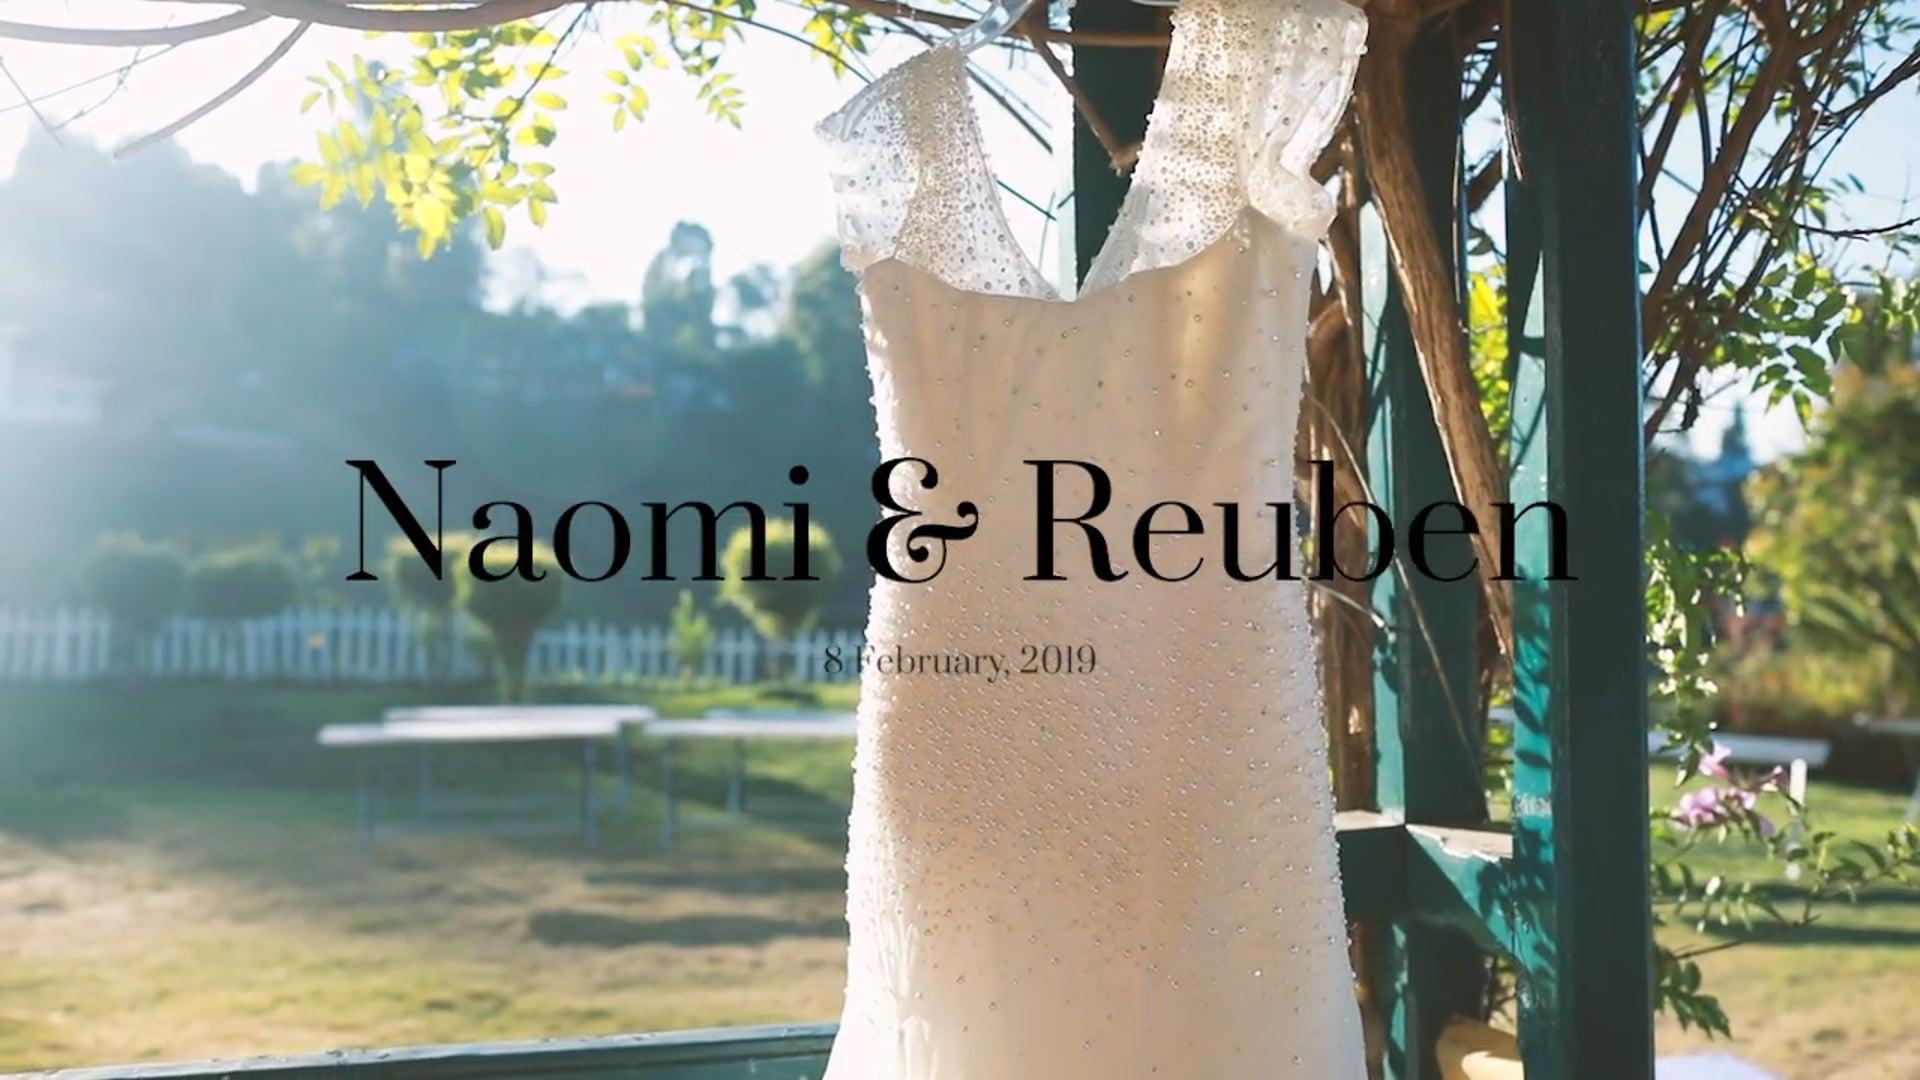 Naomi & Reuben